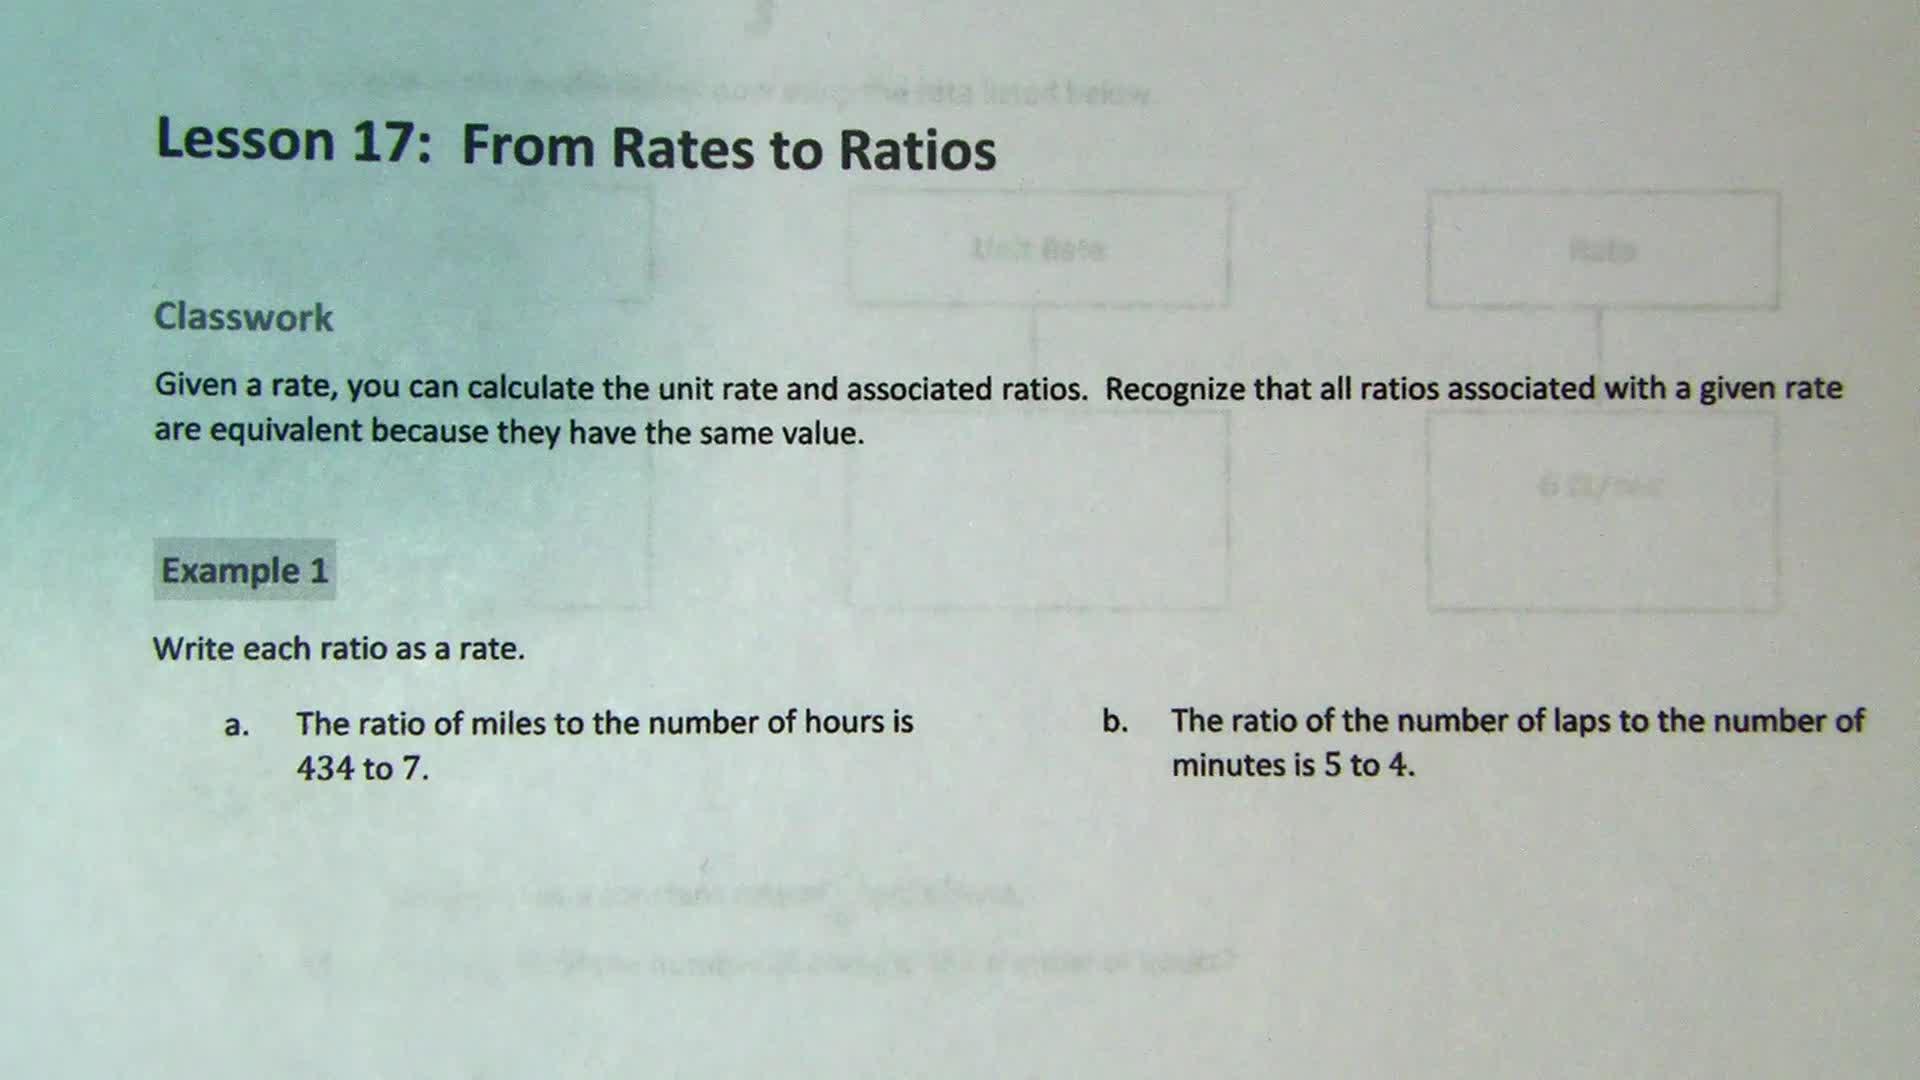 Grade 6 - Module 1 - Lesson 17